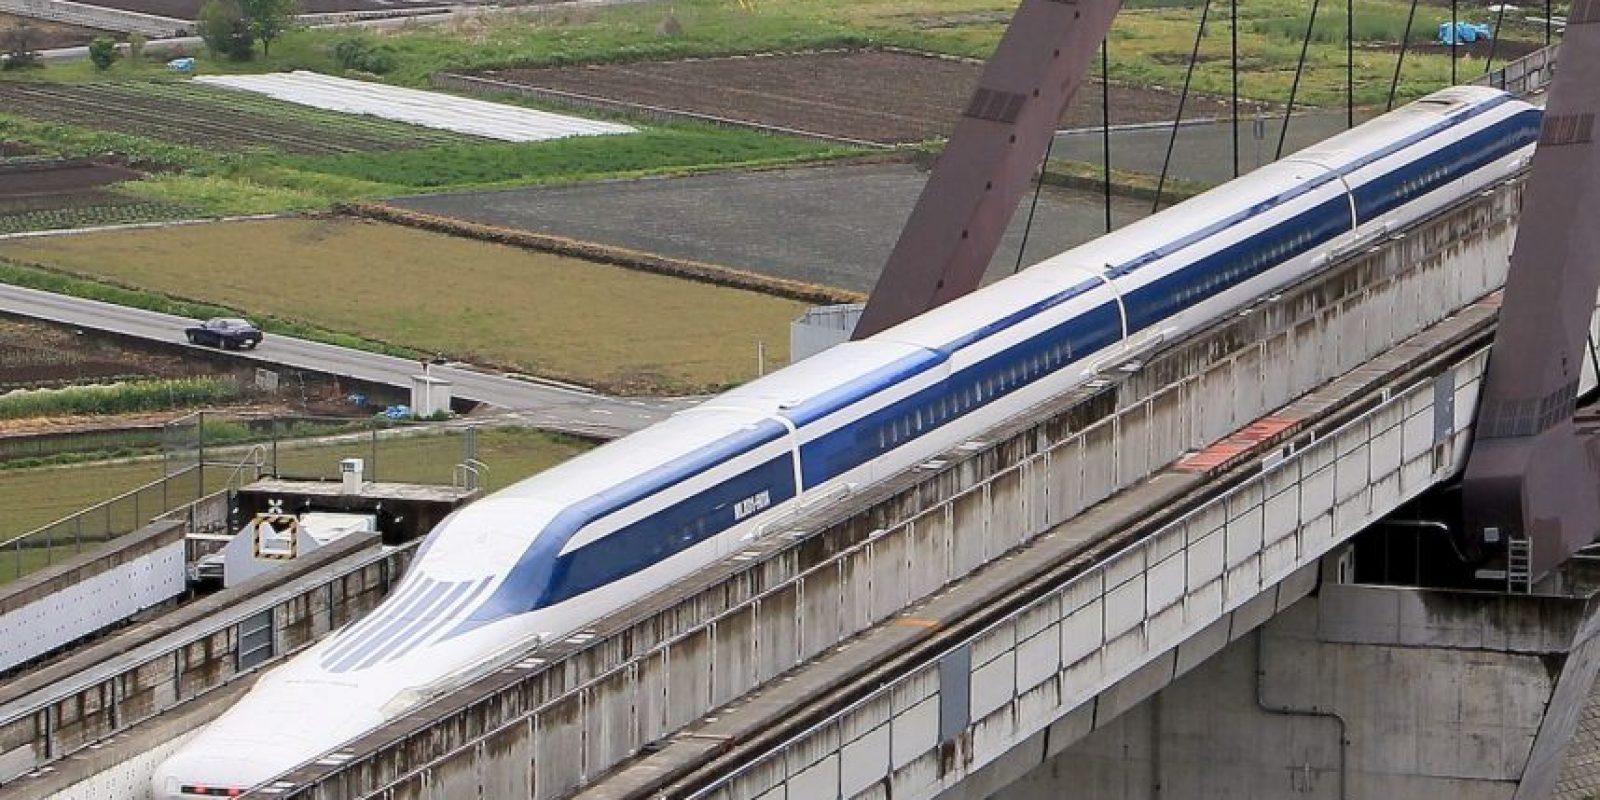 """Para cubrir los gastos, Japón planea vender su sistema de tren bala y el """"Maglev"""" al extranjero. Foto:AFP"""